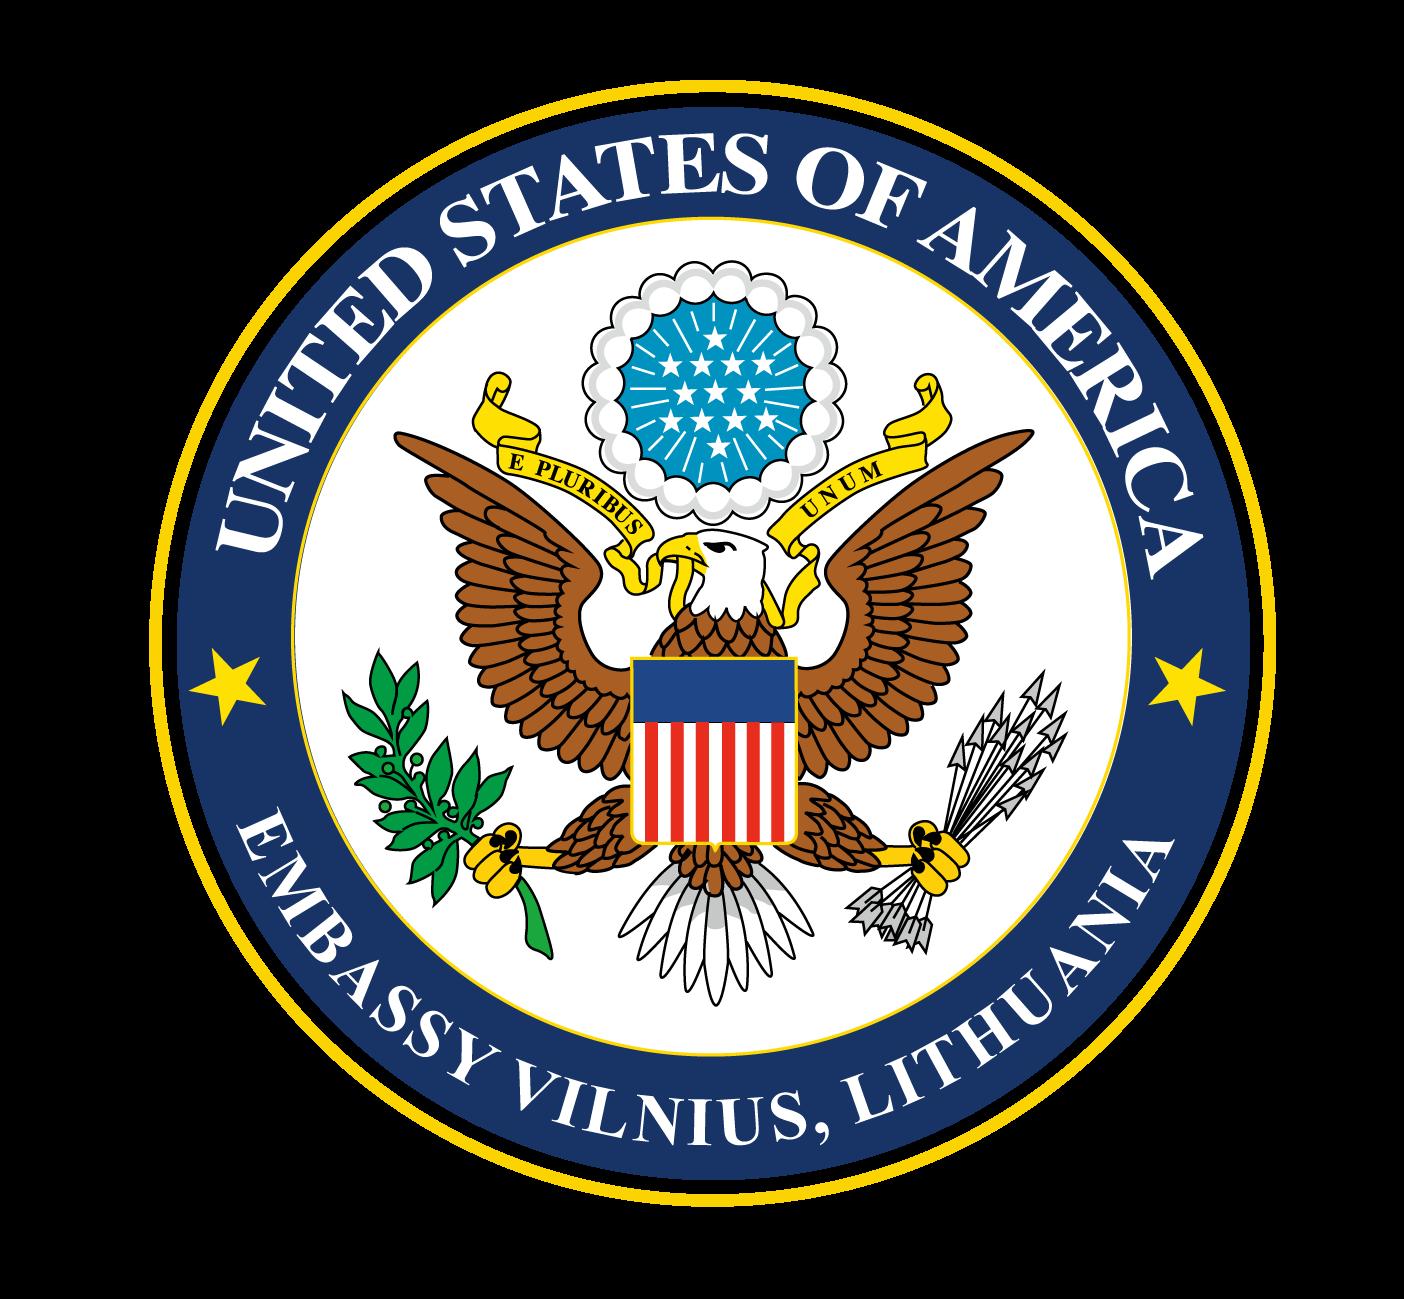 Embassy-Vilnius-Seal-Vector-FINAL